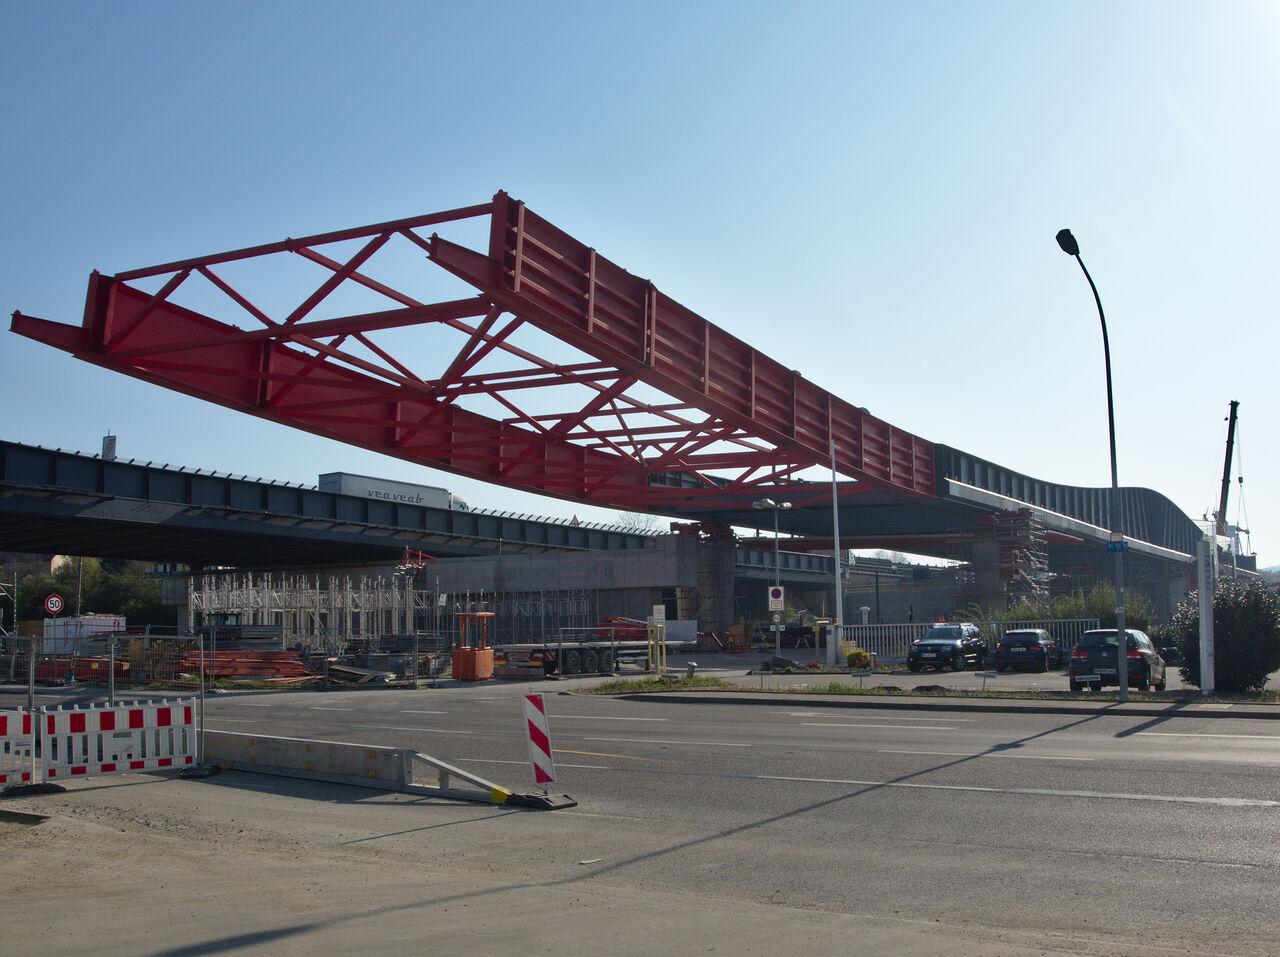 20200407_Autobahn_Neckarsulm_003